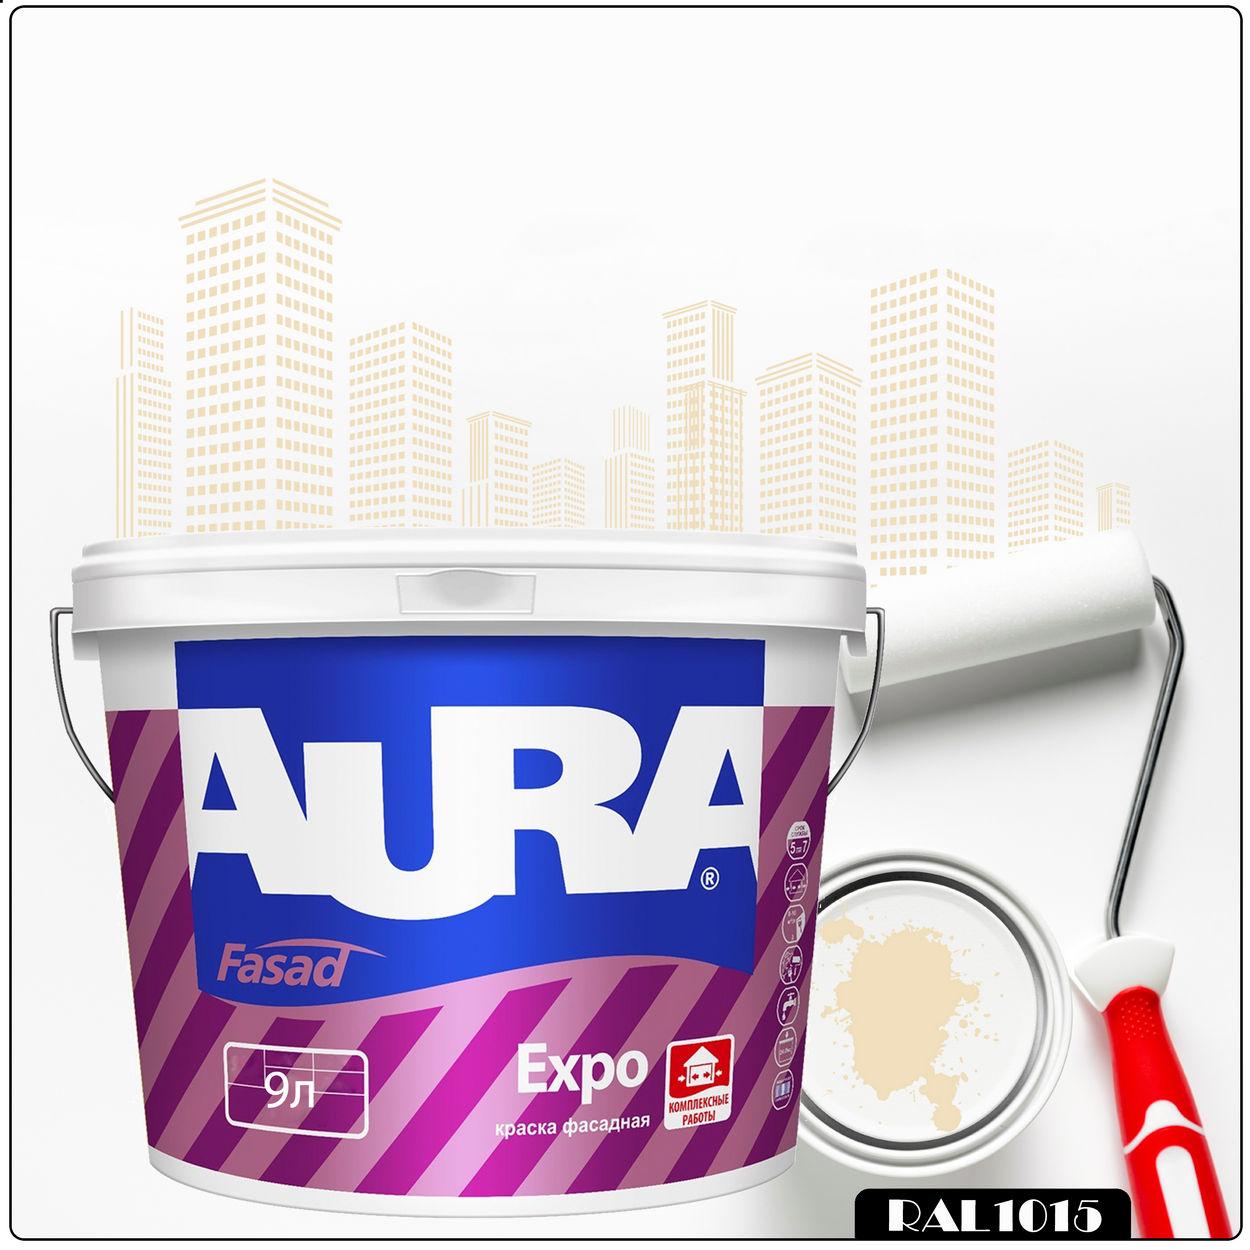 Фото 13 - Краска Aura Fasad Expo, RAL 1015 Слоновая-кость-светлая, матовая, для фасадов и помещений с повышенной влажностью, 9л.